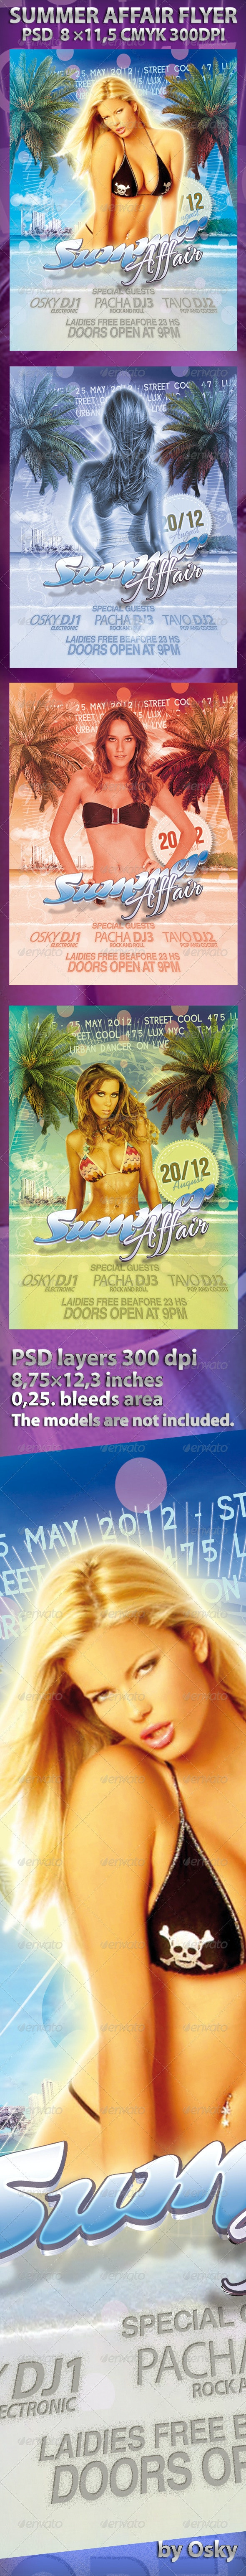 Summer Affair Flyer - Clubs & Parties Events